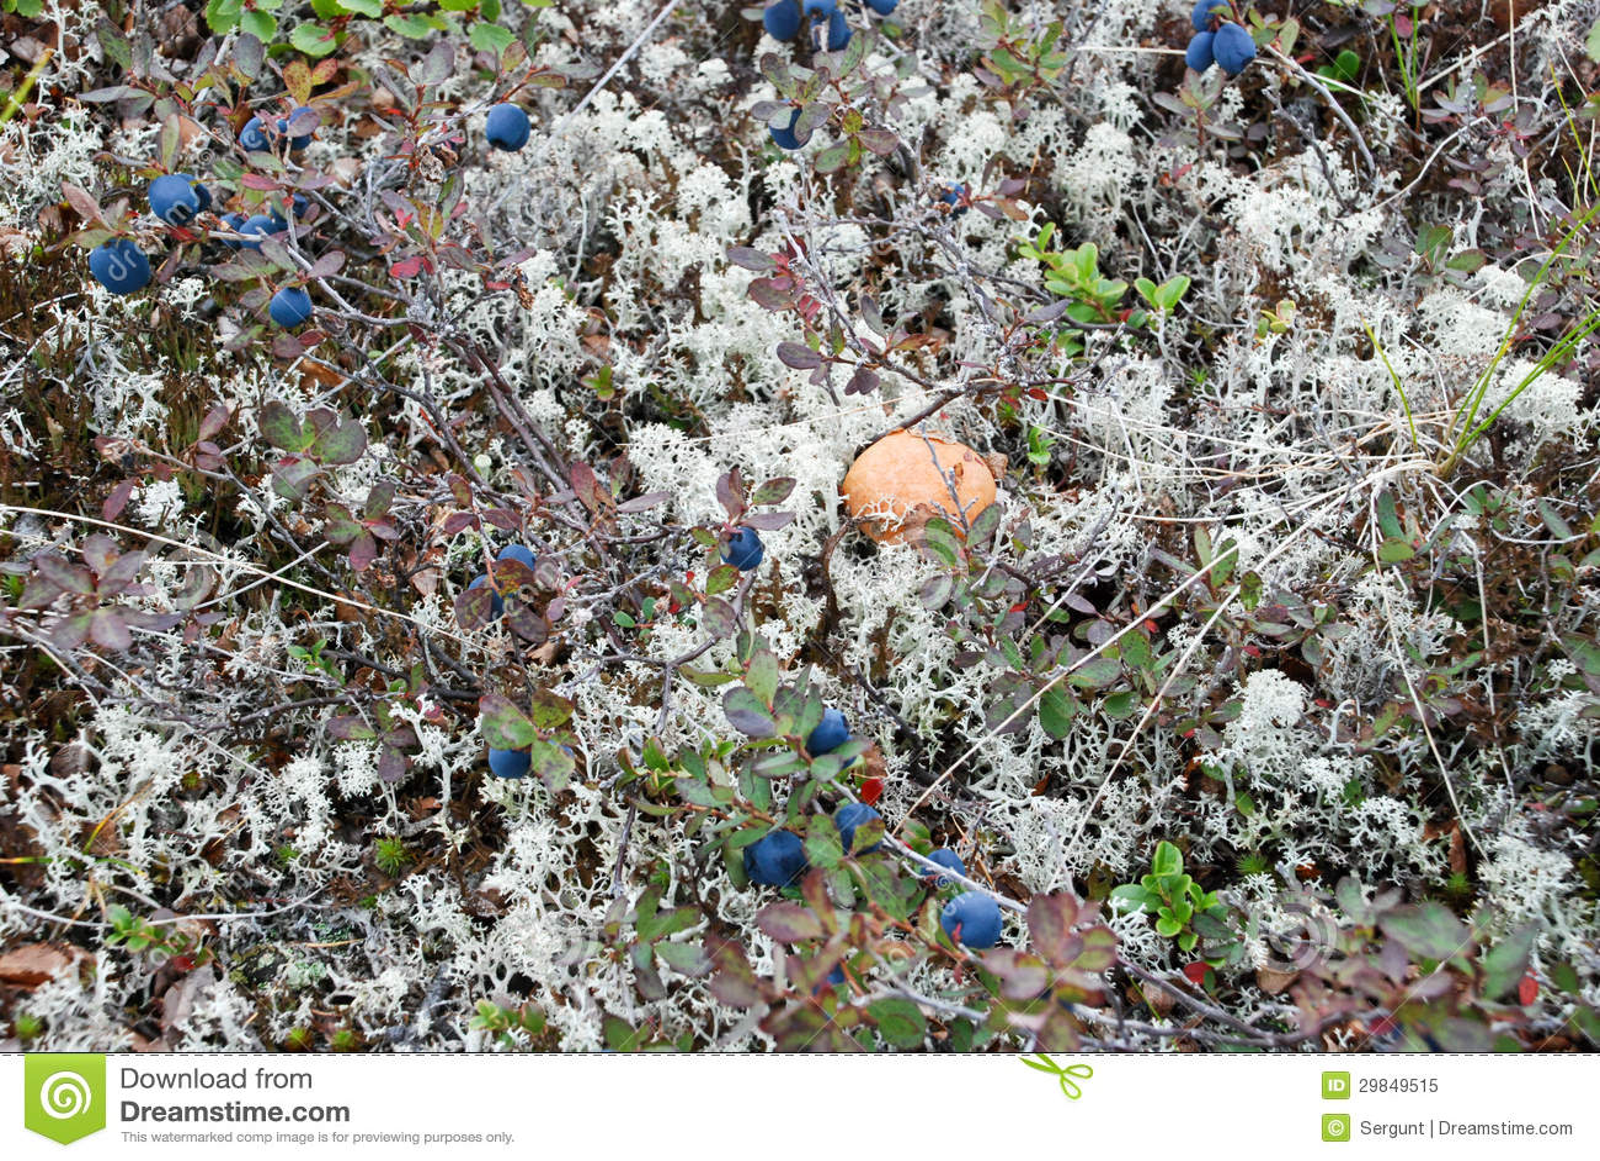 Os cogumelos na tundra.